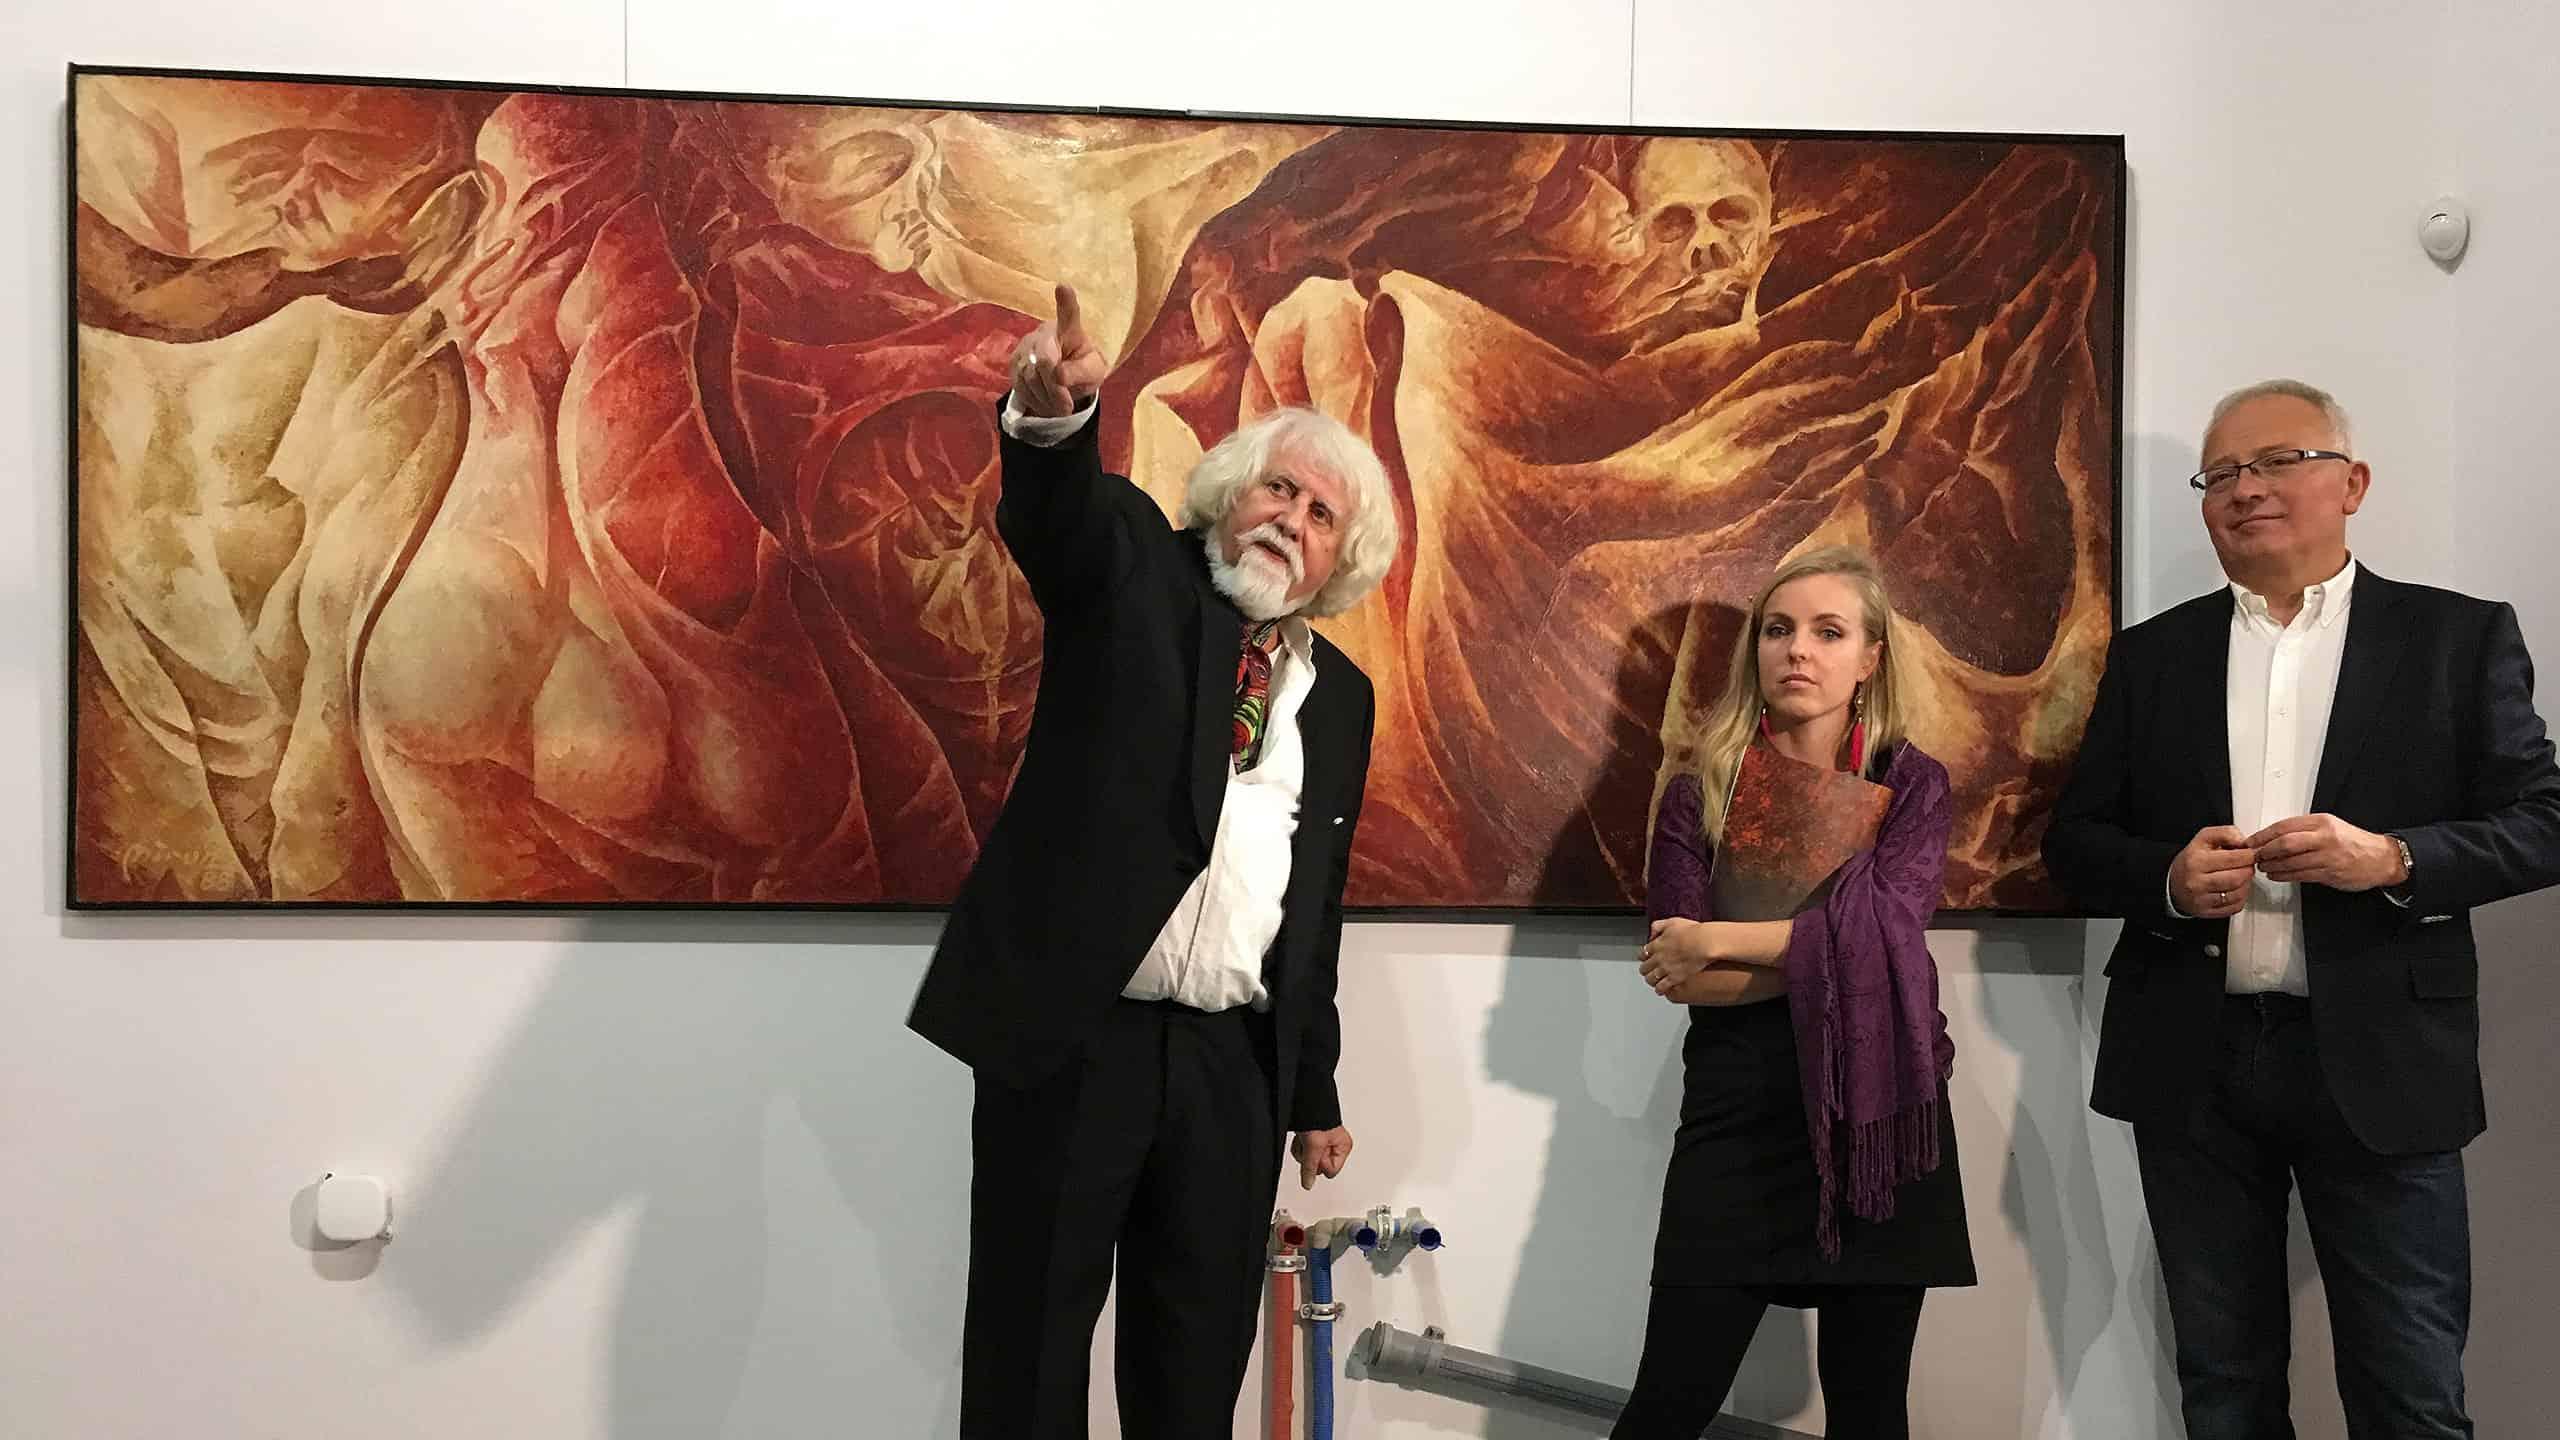 Otwarcie wystawy malarstwa Mirona w Galerii Skarbnicy Sztuki, fot. Paweł Wroński